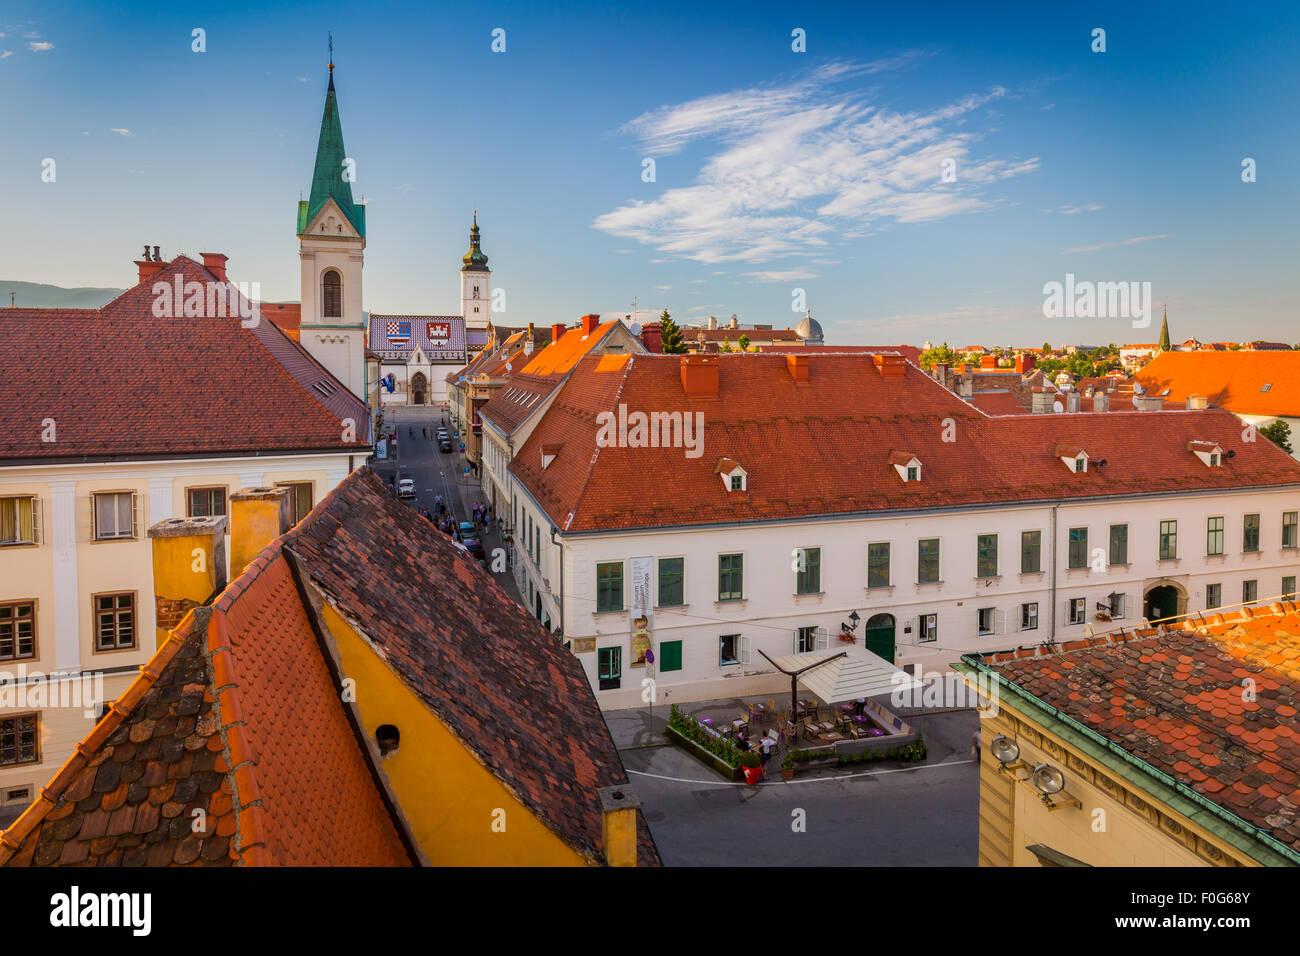 Zagreb est une ville dynamique de 800 000 personnes environ, qui bénéficie d'une charmante vieille Photo Stock